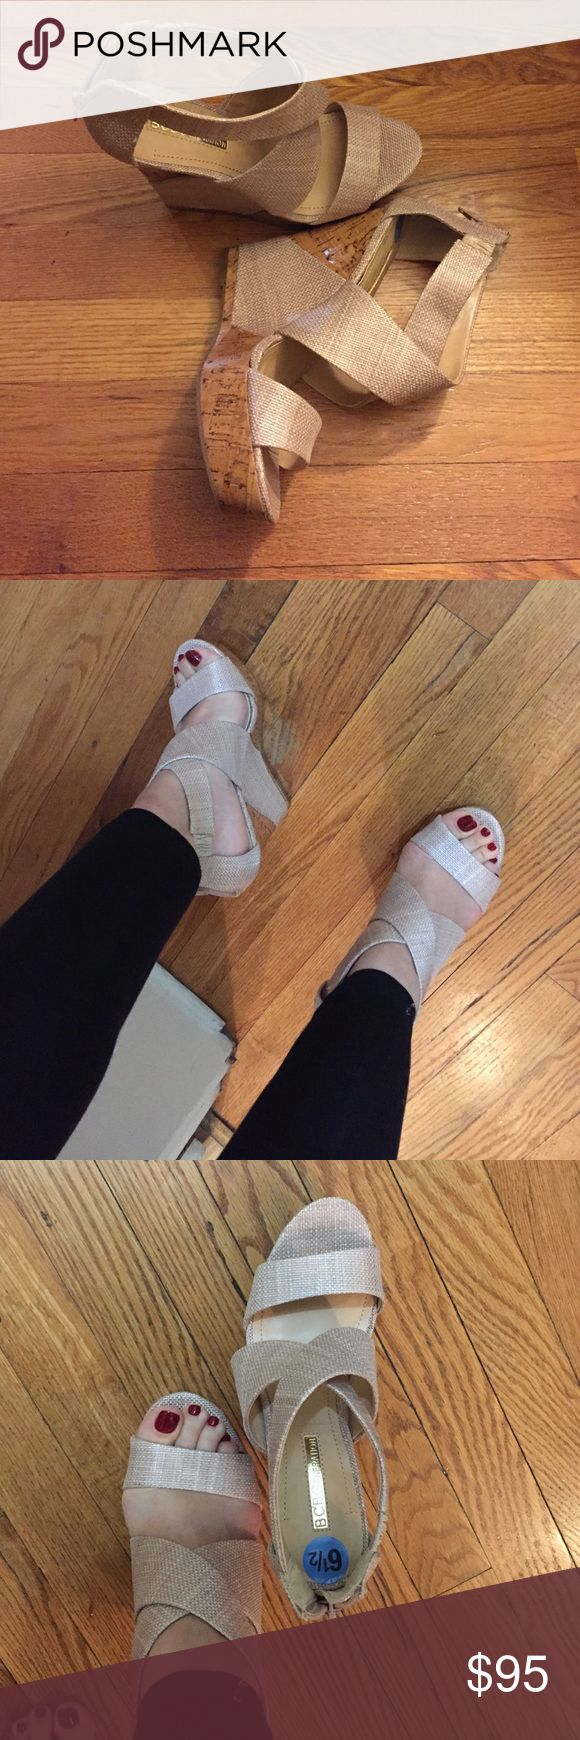 BCBGEneration platform wedge sandal Platform wedges zipper back 6.5! Great summer time shoe. Neutral color BCBGeneration Shoes Wedges